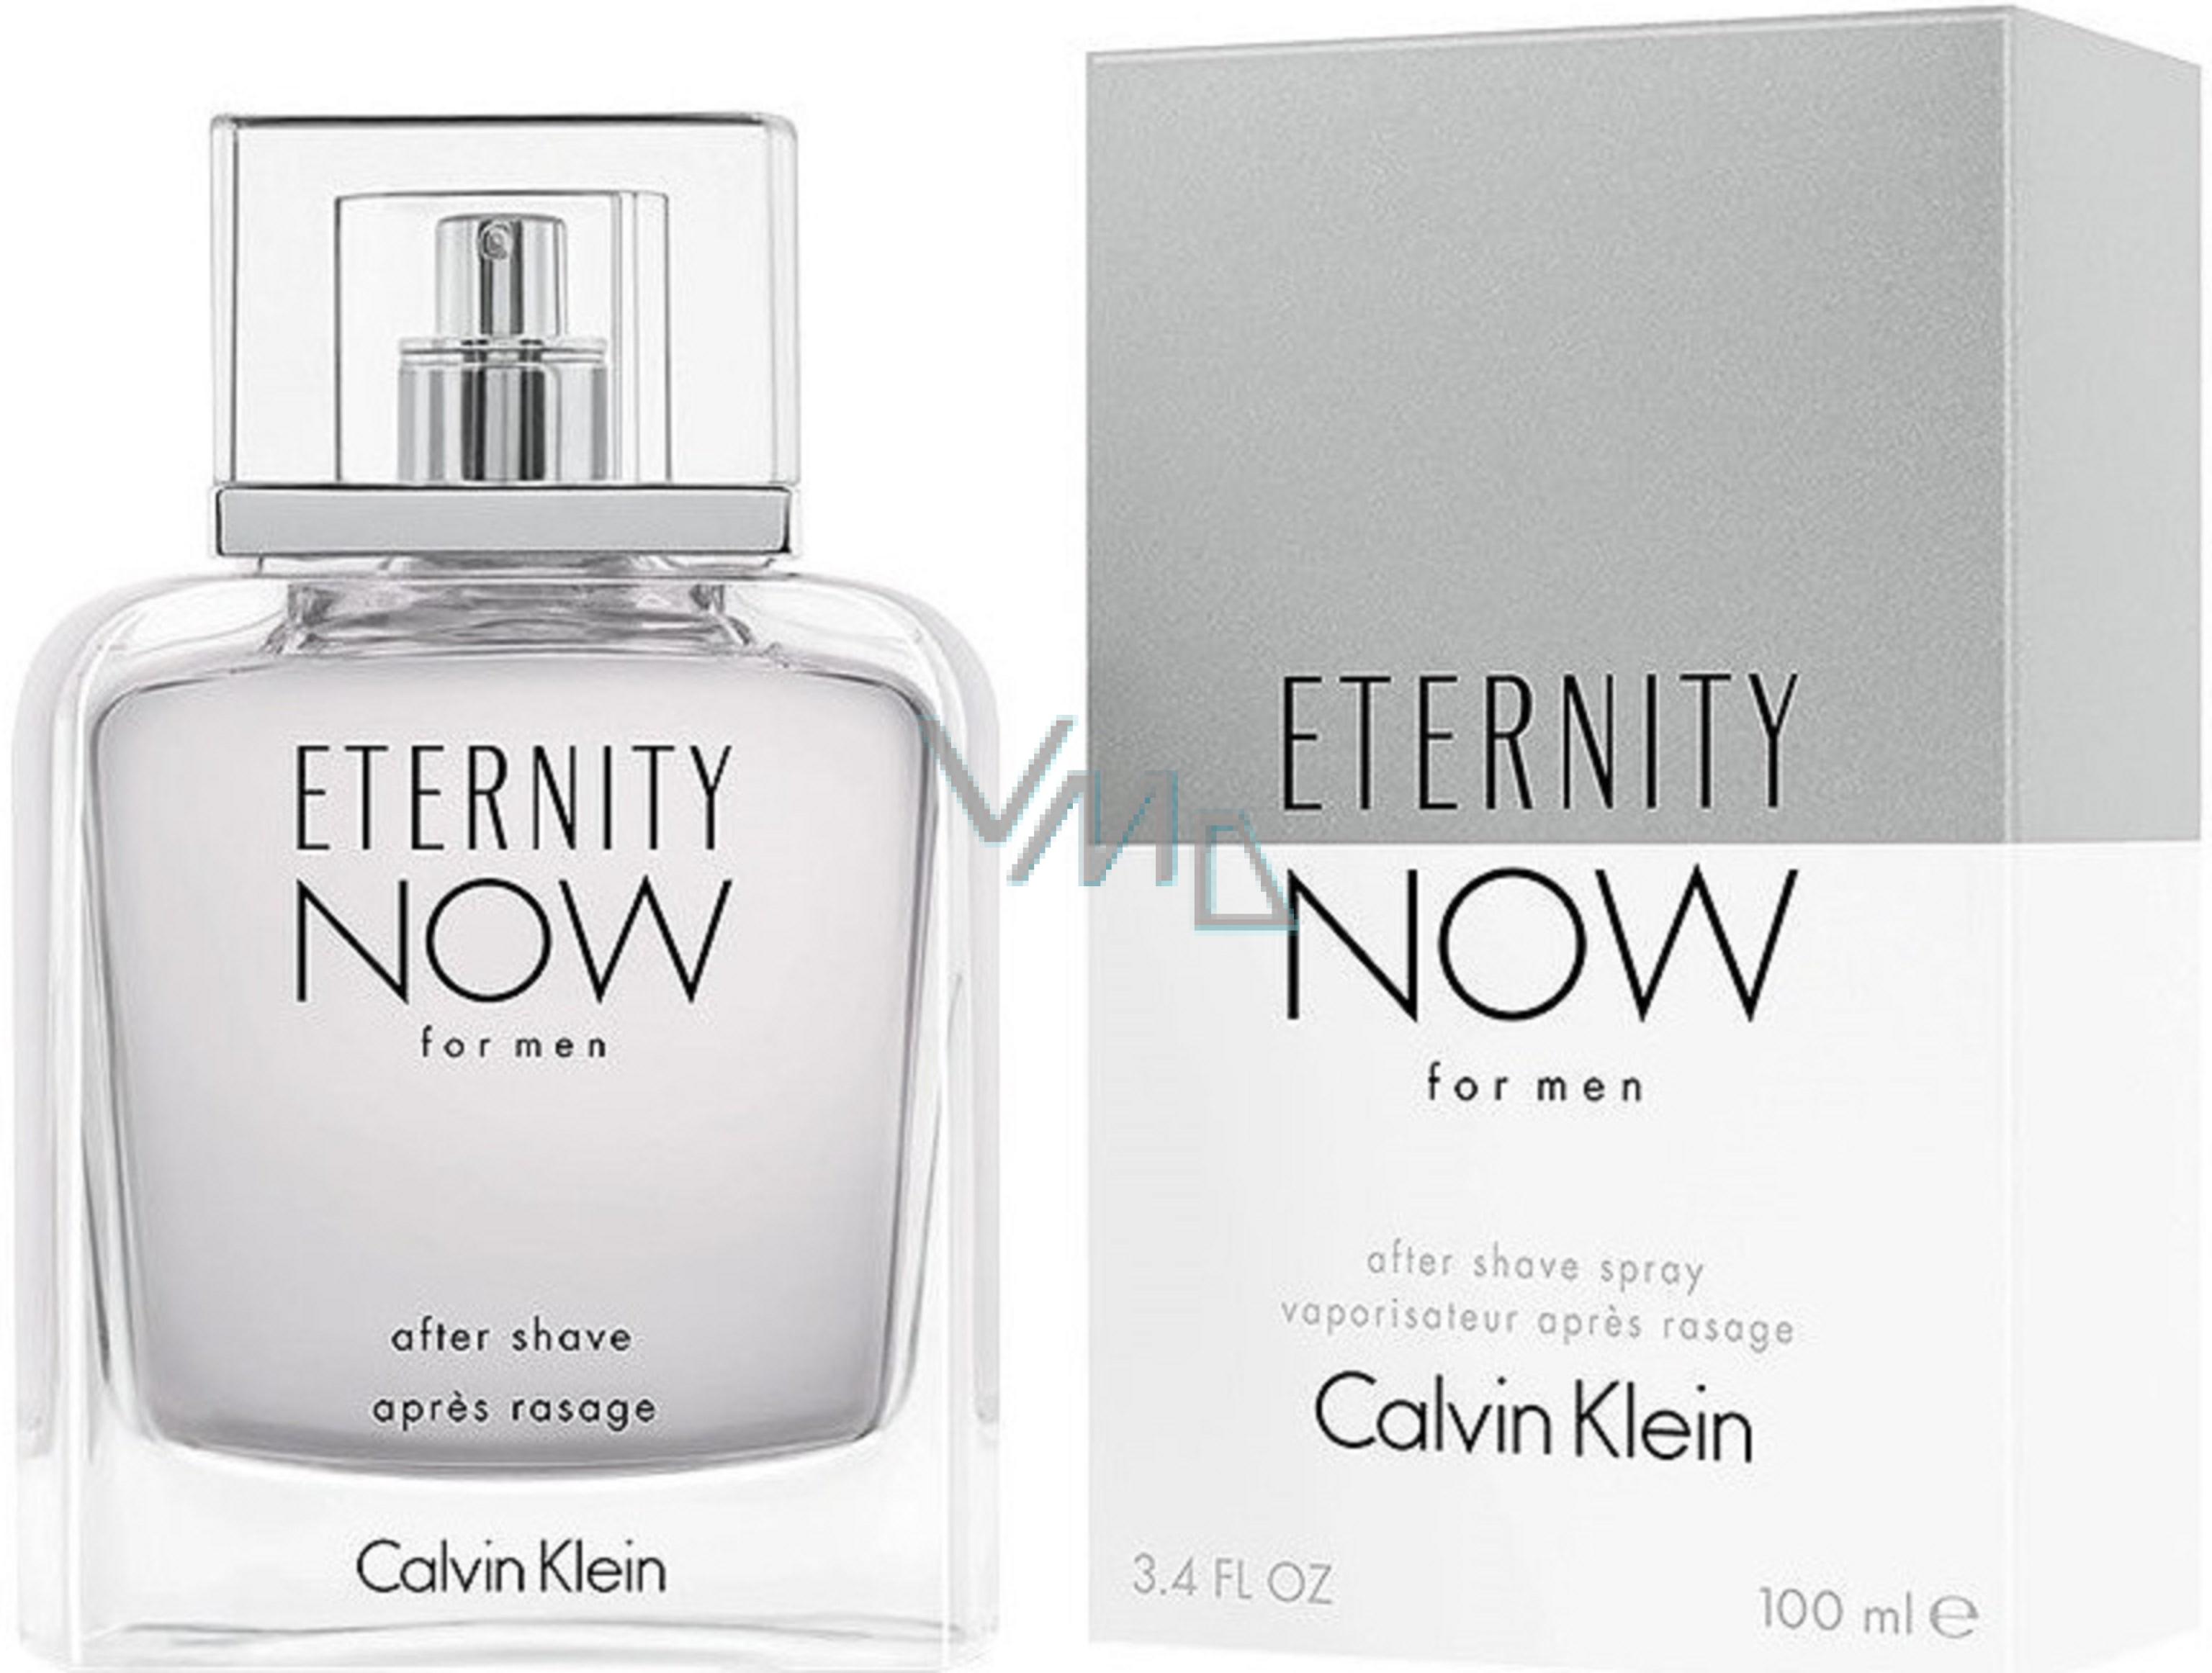 49975f33528 Calvin Klein Eternity Now Men After Shave Spray 100 ml - VMD parfumerie -  drogerie